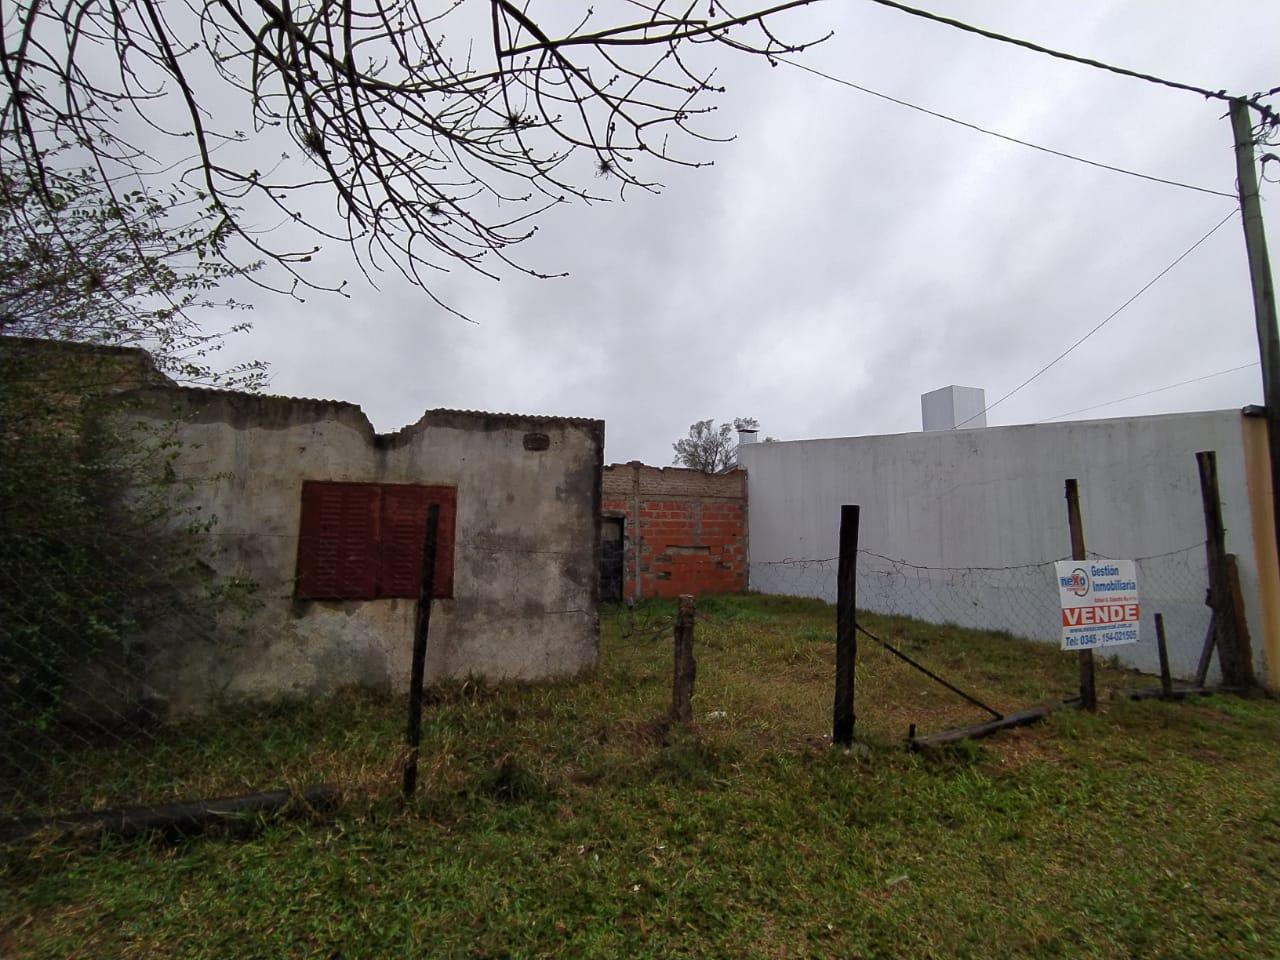 VENTA - OPORTUNIDAD EN ZONA DE DESARROLLO